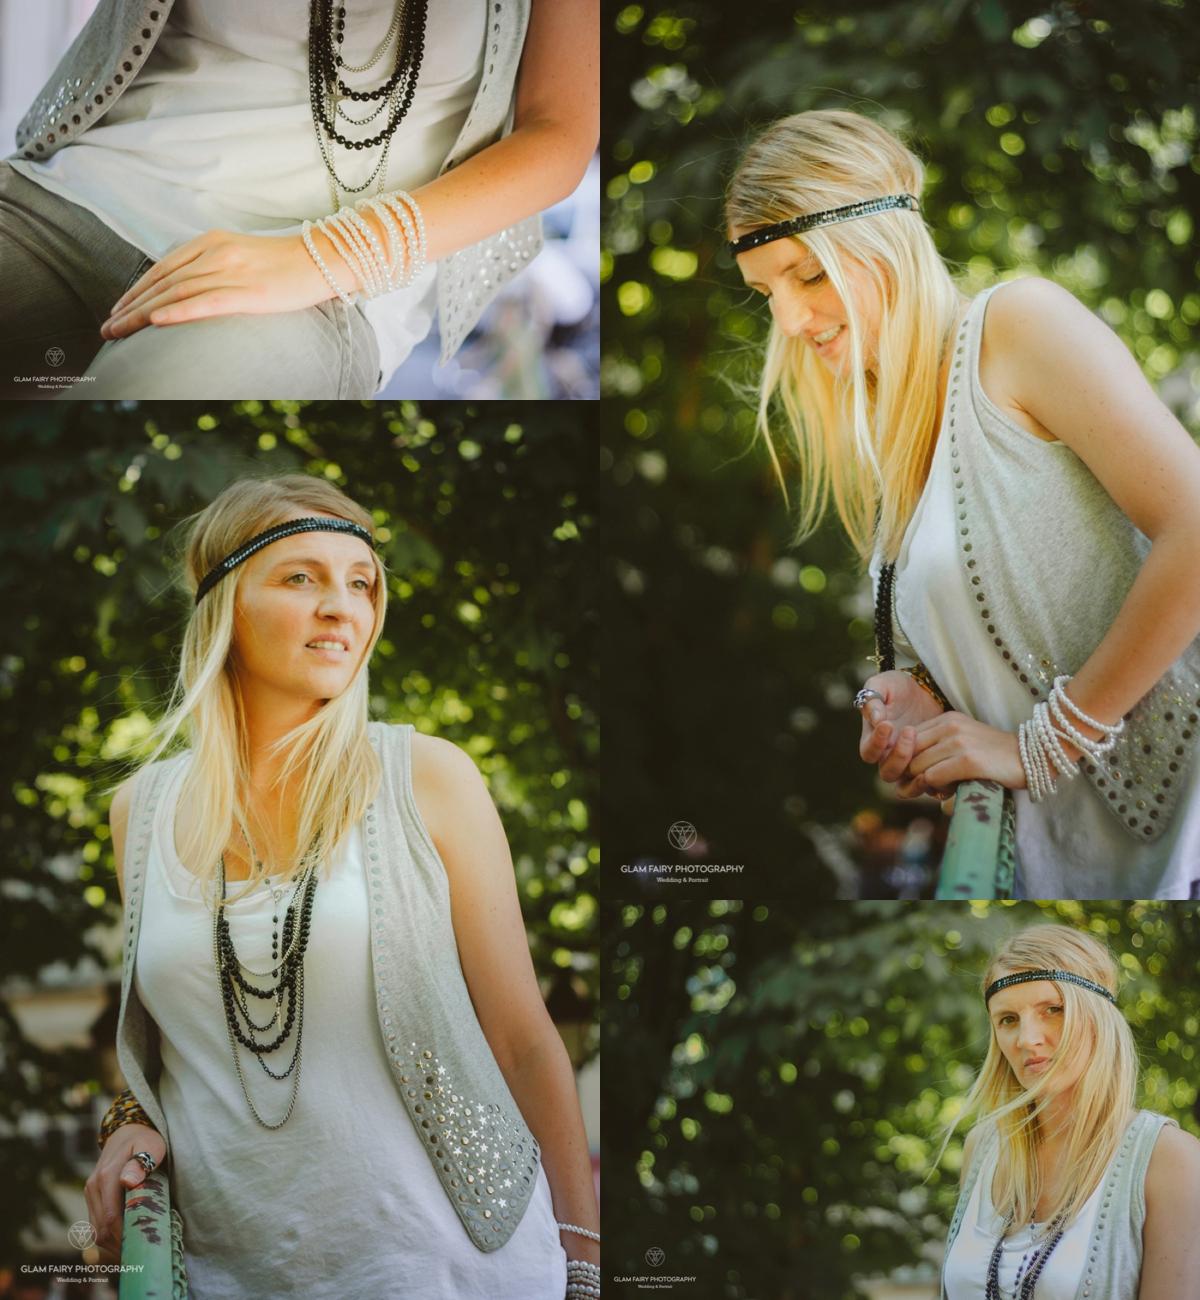 GlamFairyPhotography-seance-portrait-femme-hippie-chic-paris-sophie_0007